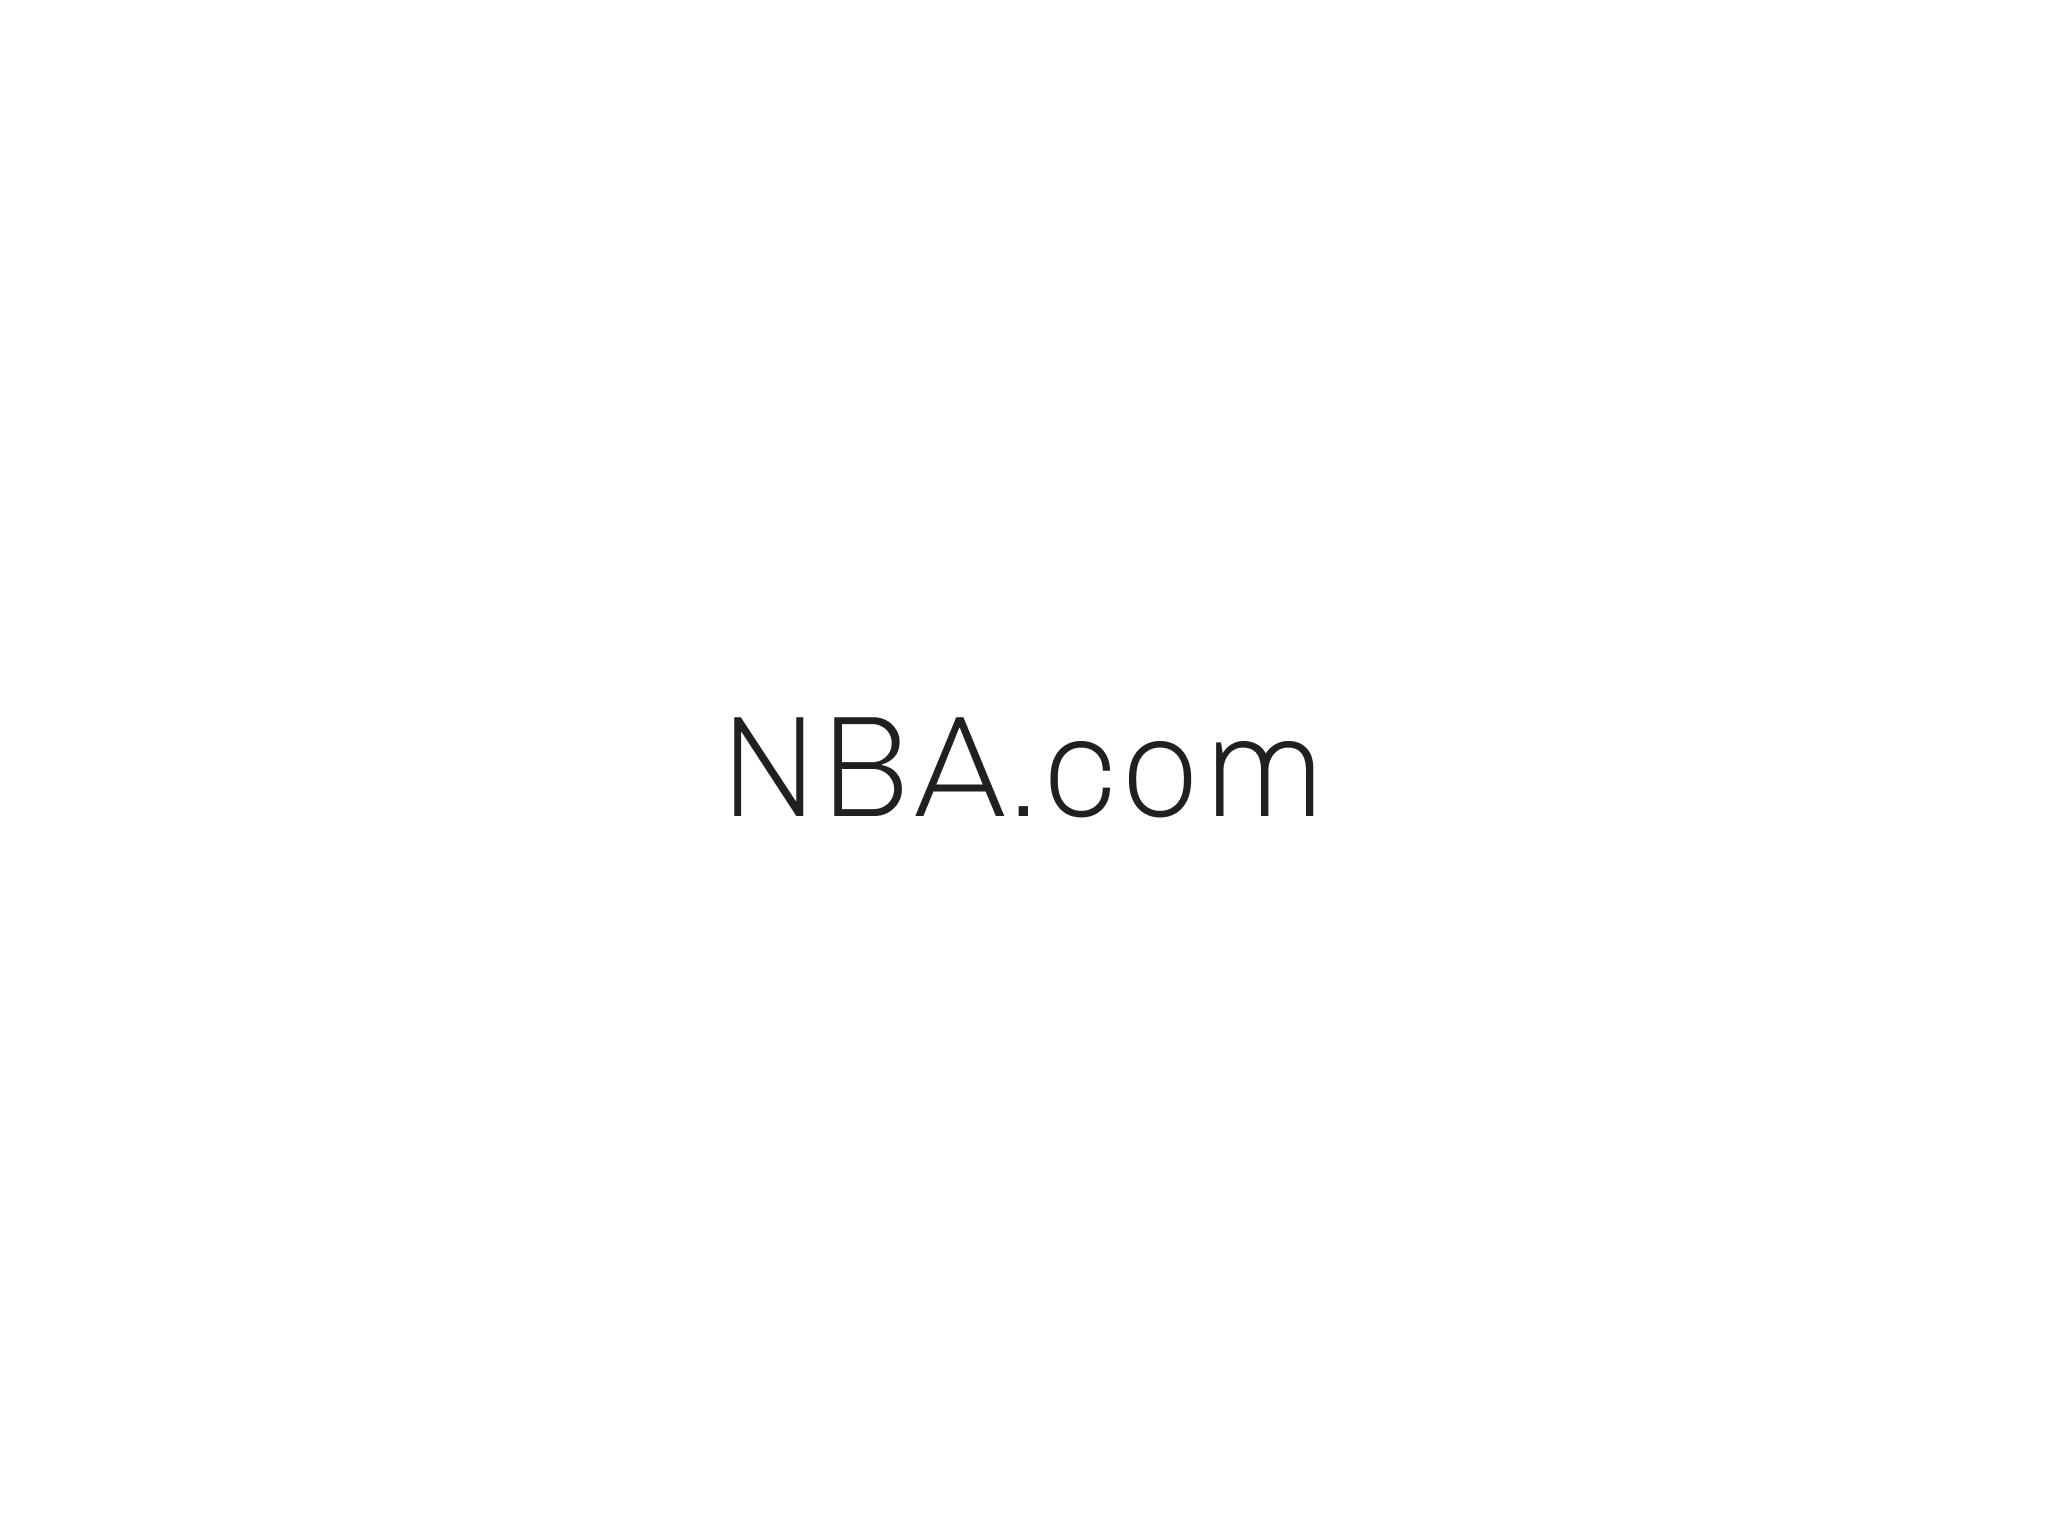 NBA Web